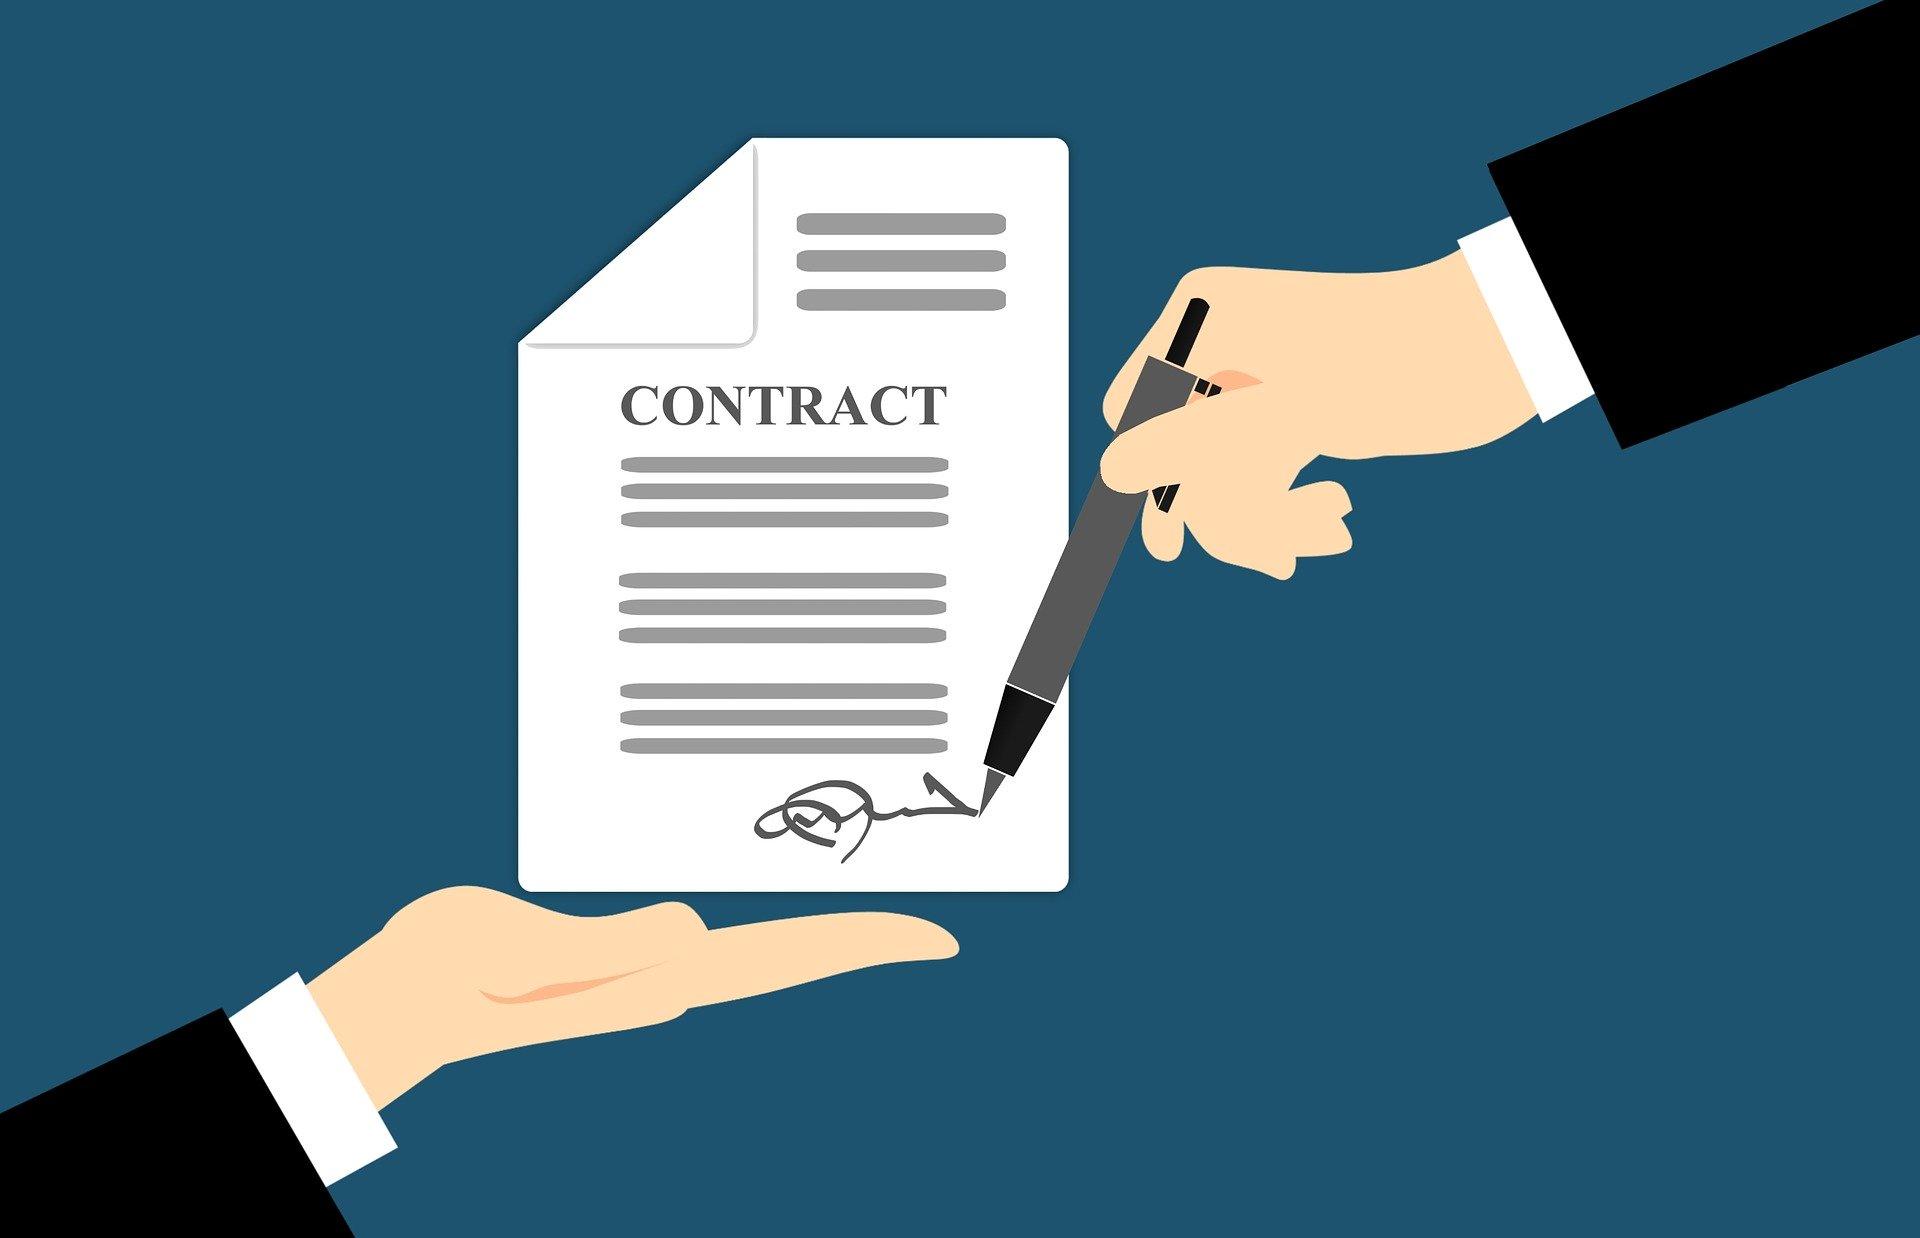 Puis-je divorcer par consentement mutuel pendant le confinement ?